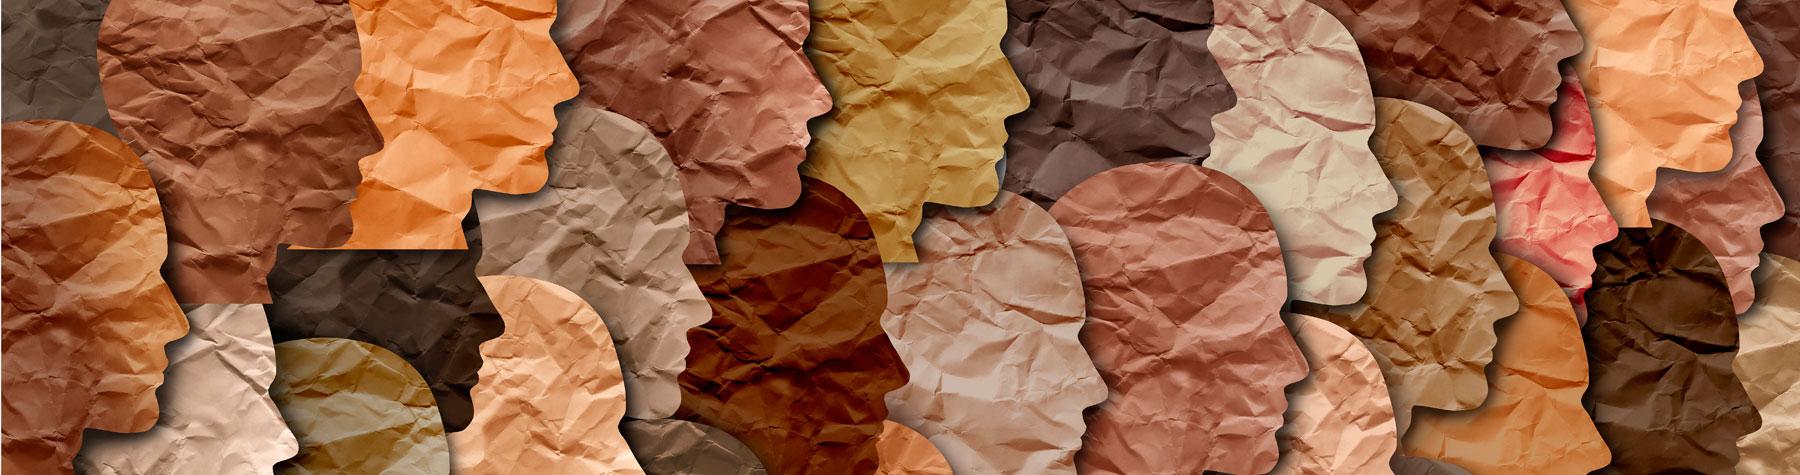 Wat zijn stereotypen? Hoe ontstaan vooroordelen? Wat is het verschil tussen discriminatie en racisme? En wat betekent de term 'white privilege' eigenlijk?